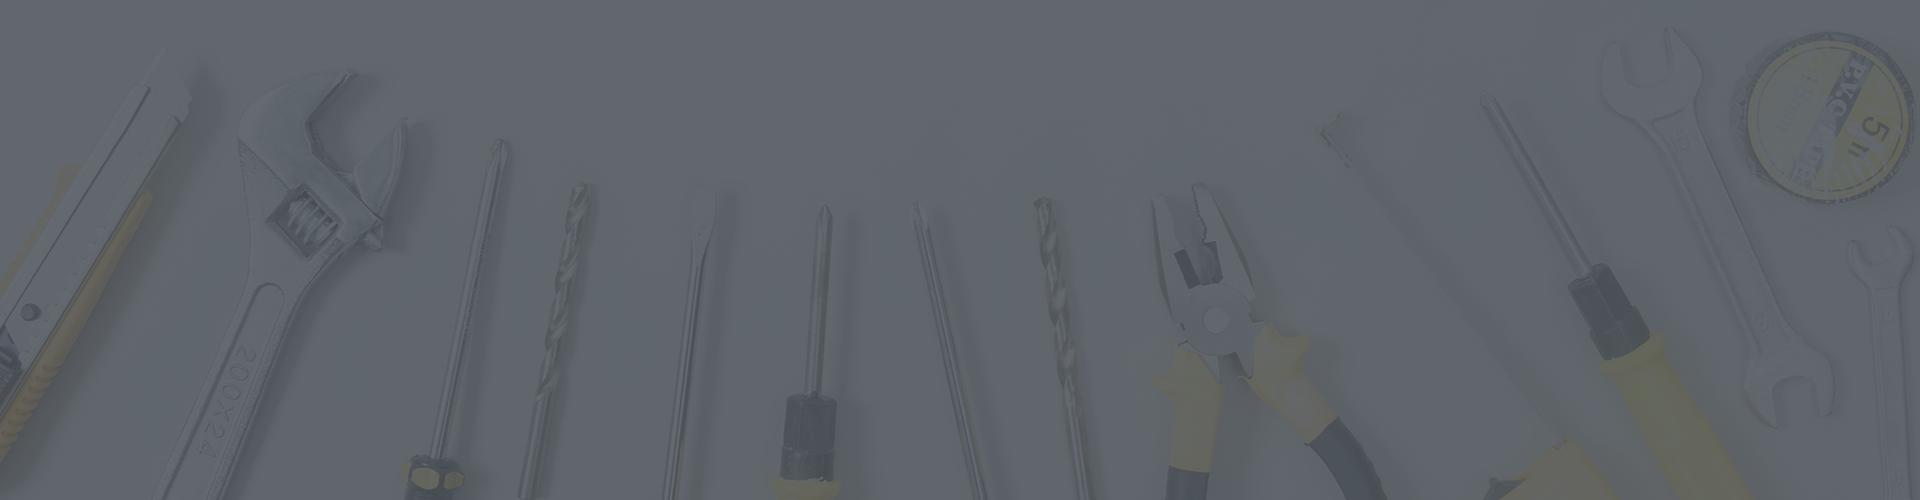 积木家装修-领先行业的标准化施工